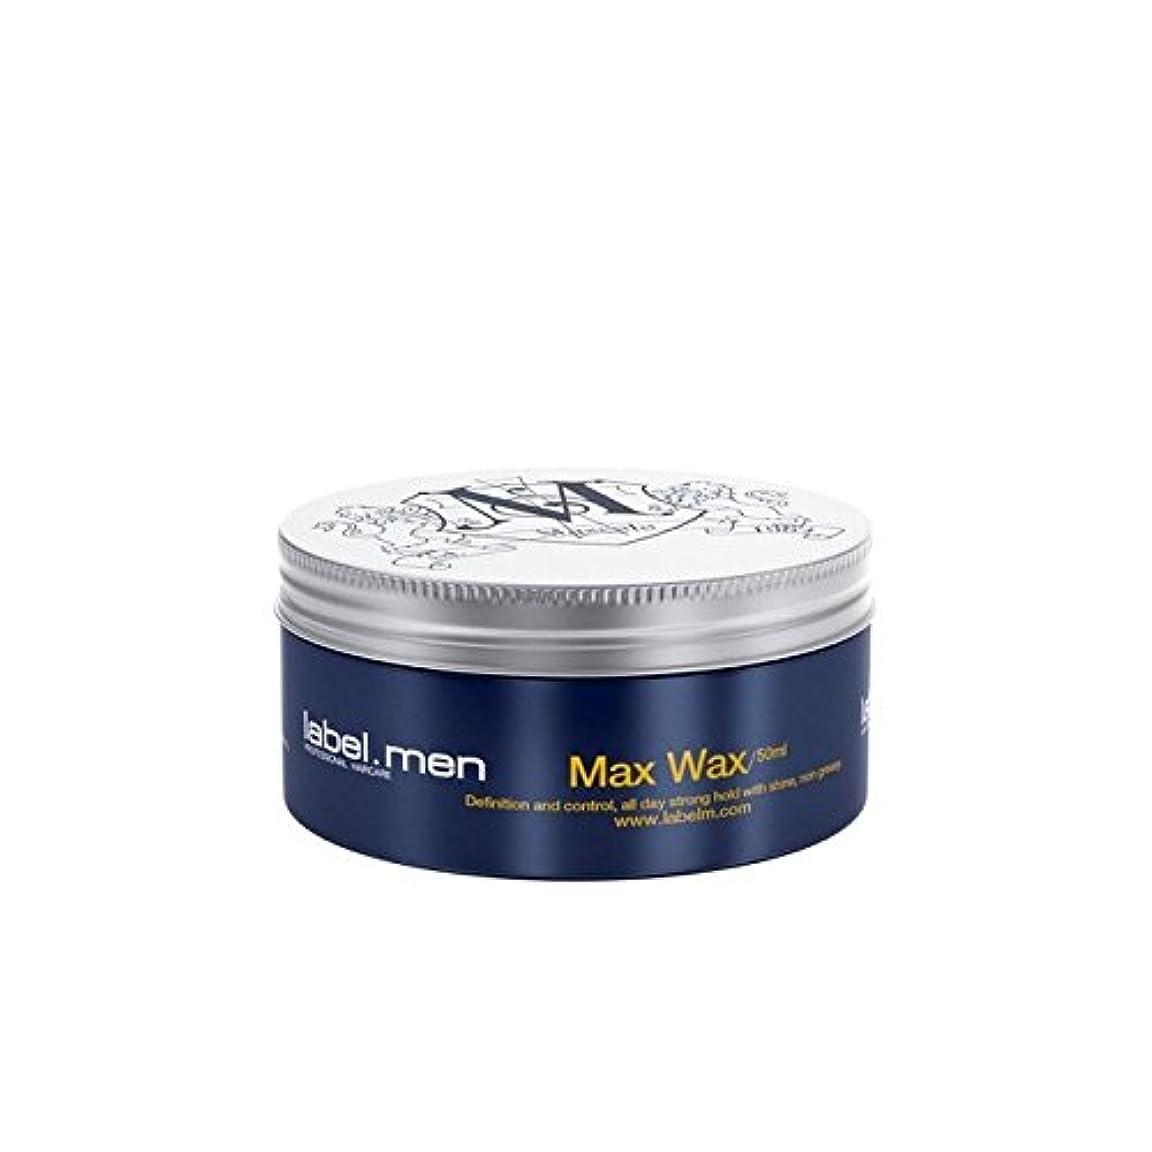 浜辺遷移維持するLabel.Men Max Wax (50ml) - .マックスワックス(50ミリリットル) [並行輸入品]